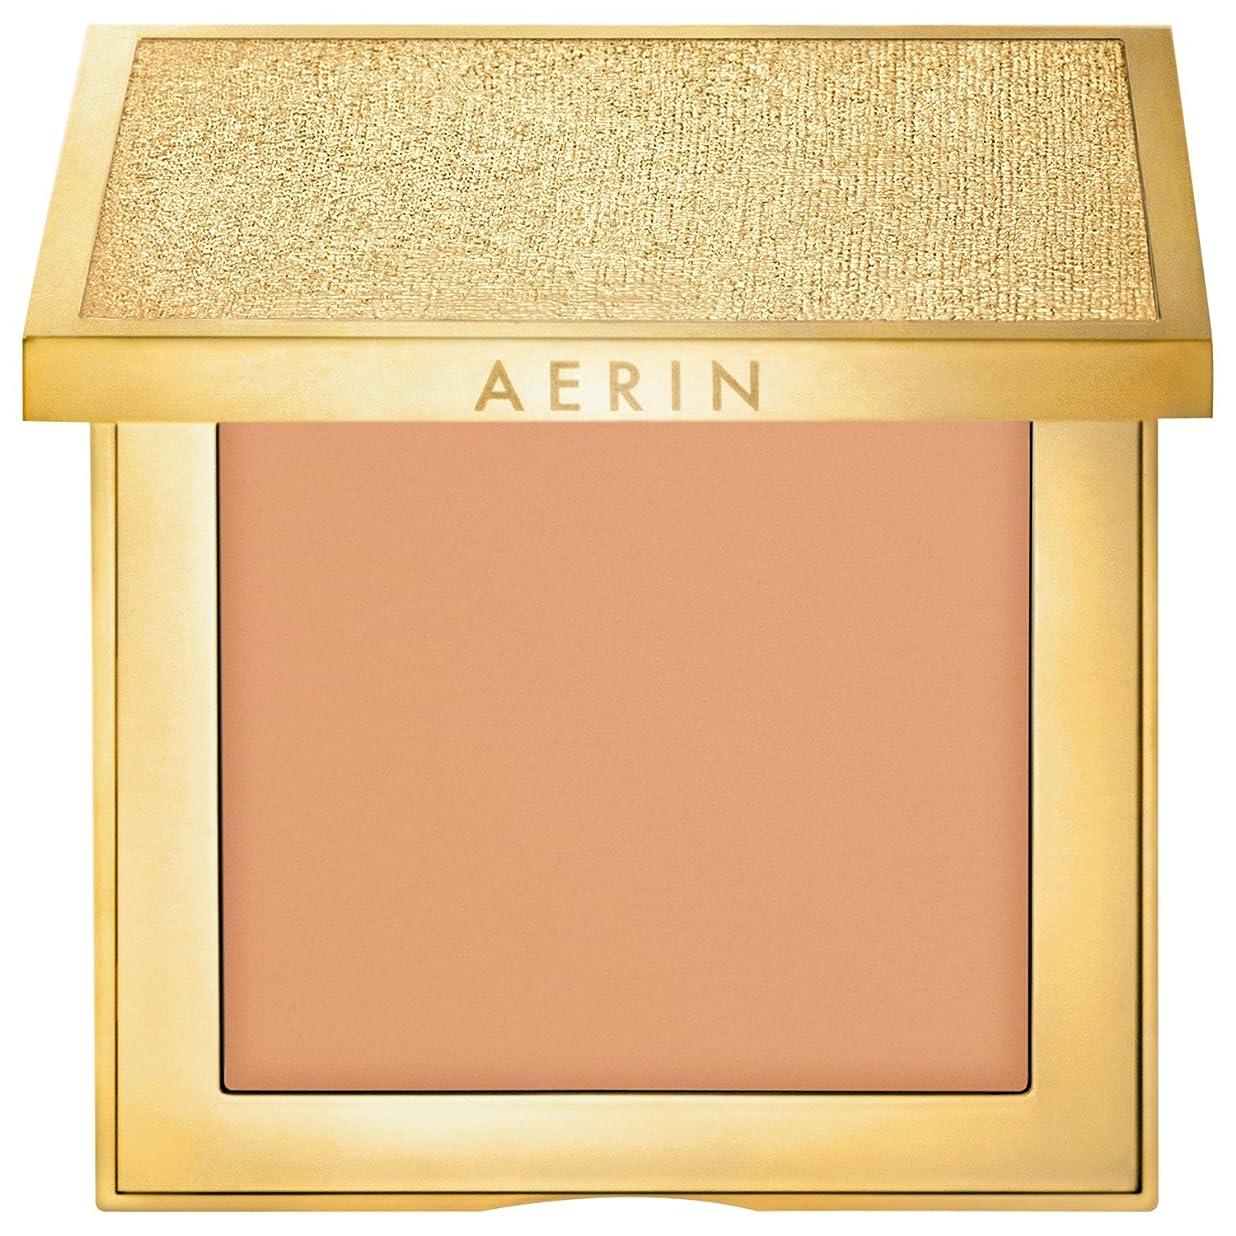 ゲートミトンスリルAerin新鮮な肌コンパクトメイクアップレベル5 (AERIN) (x6) - AERIN Fresh Skin Compact Makeup Level 5 (Pack of 6) [並行輸入品]